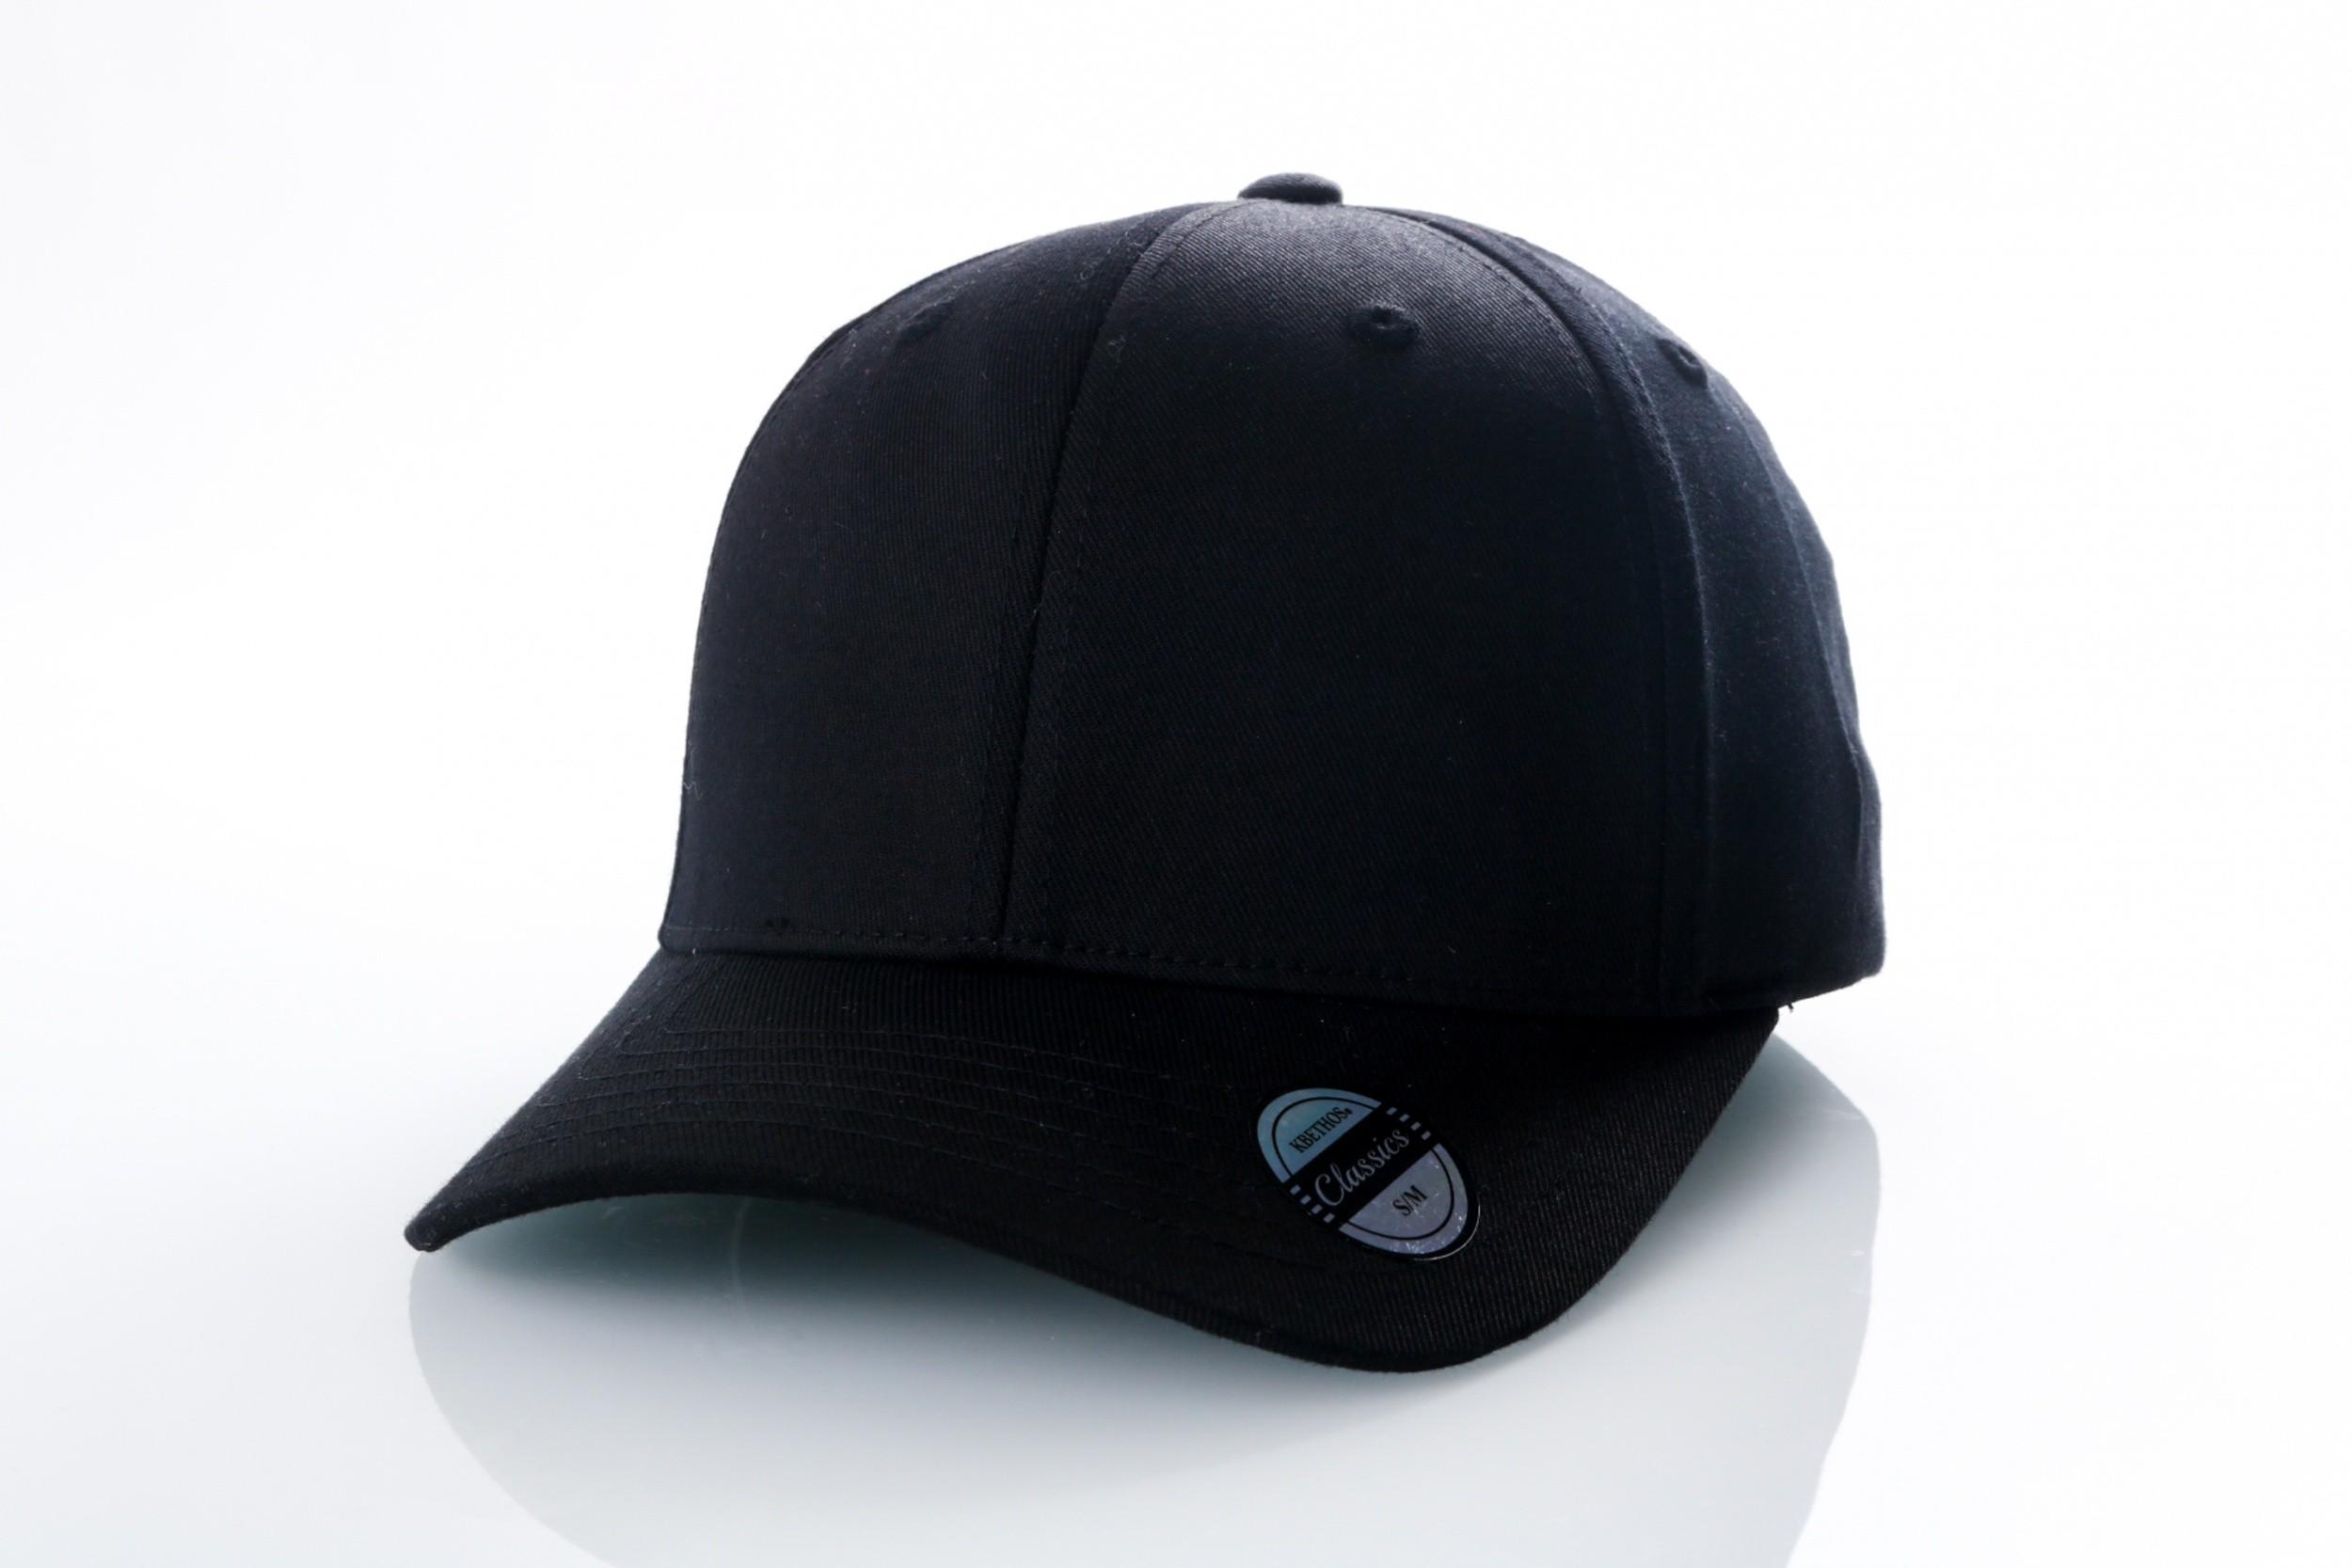 Afbeelding van Ethos Flex KBE-EZ FIT black KBE-EZ FIT dad cap black